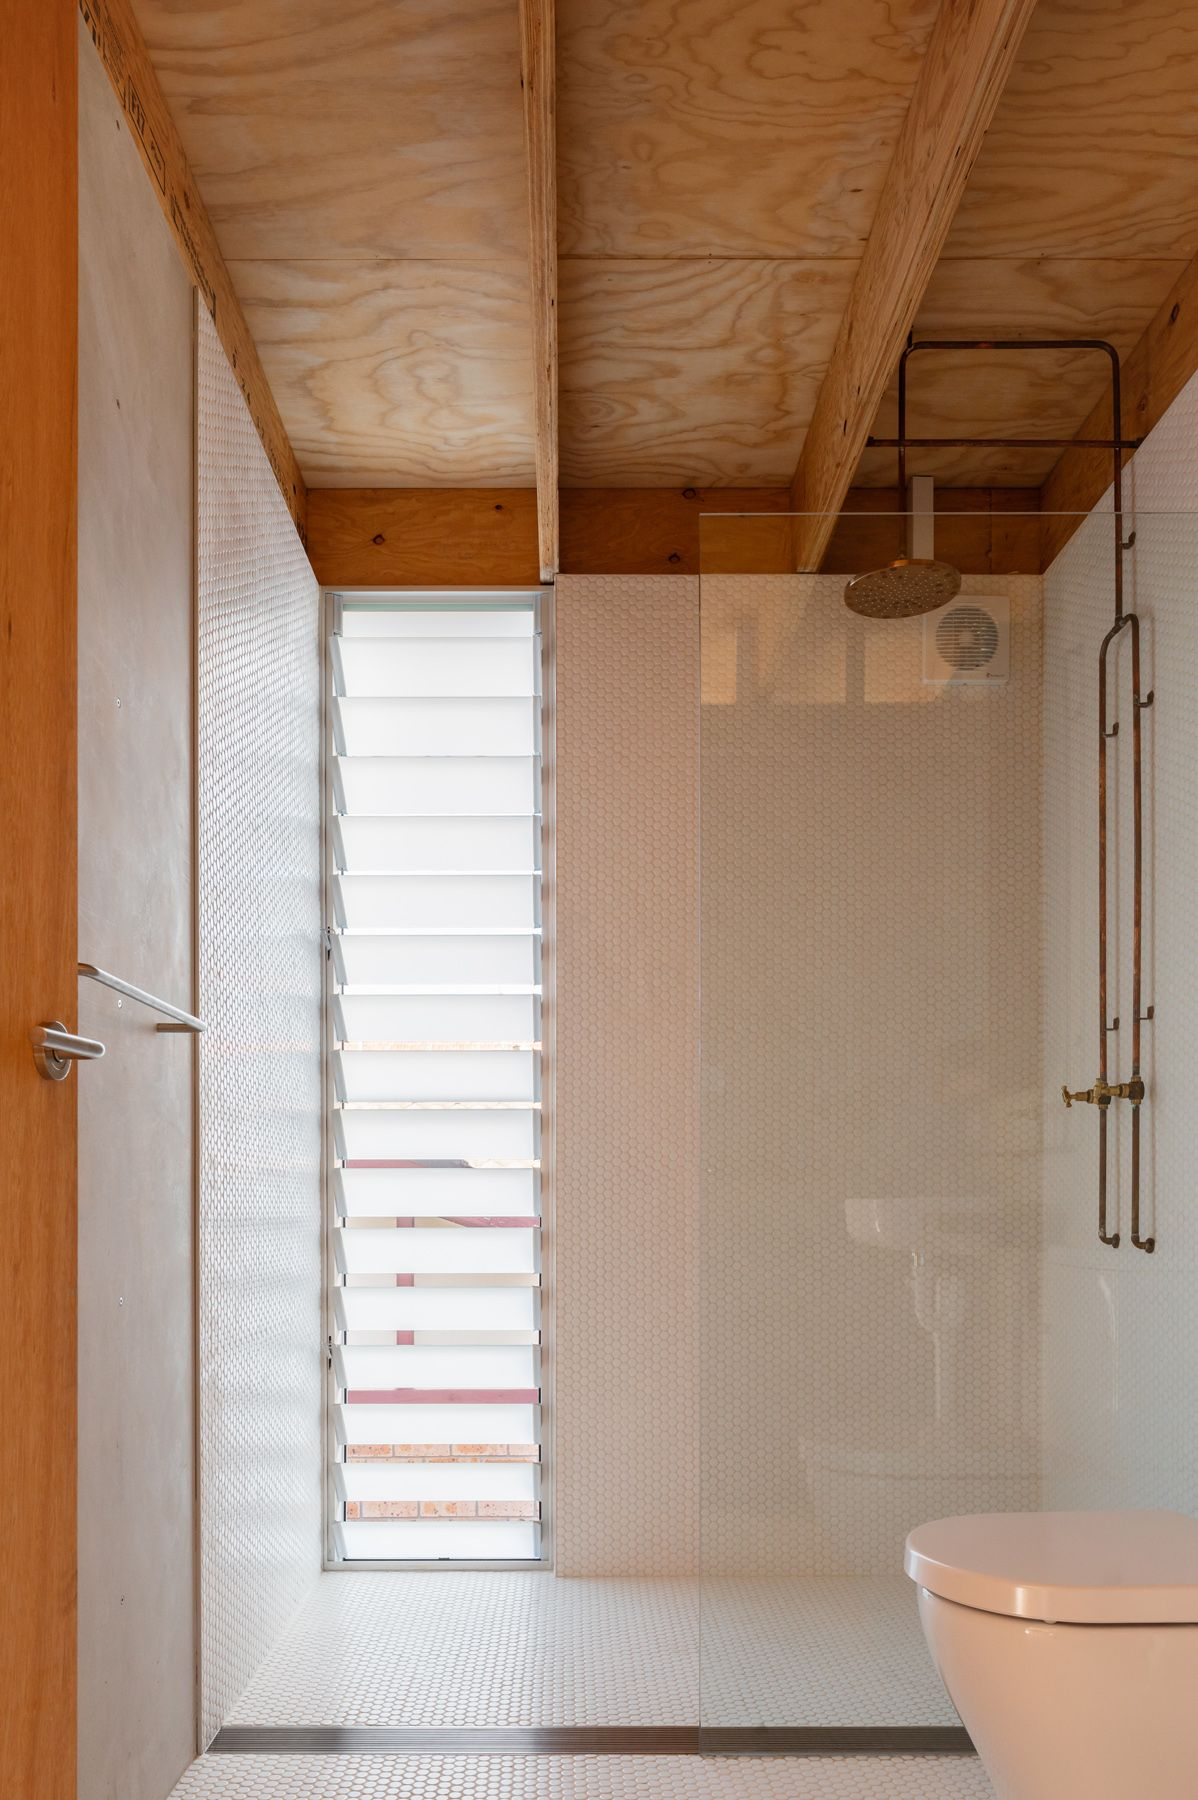 interior design courses newcastle nsw australia